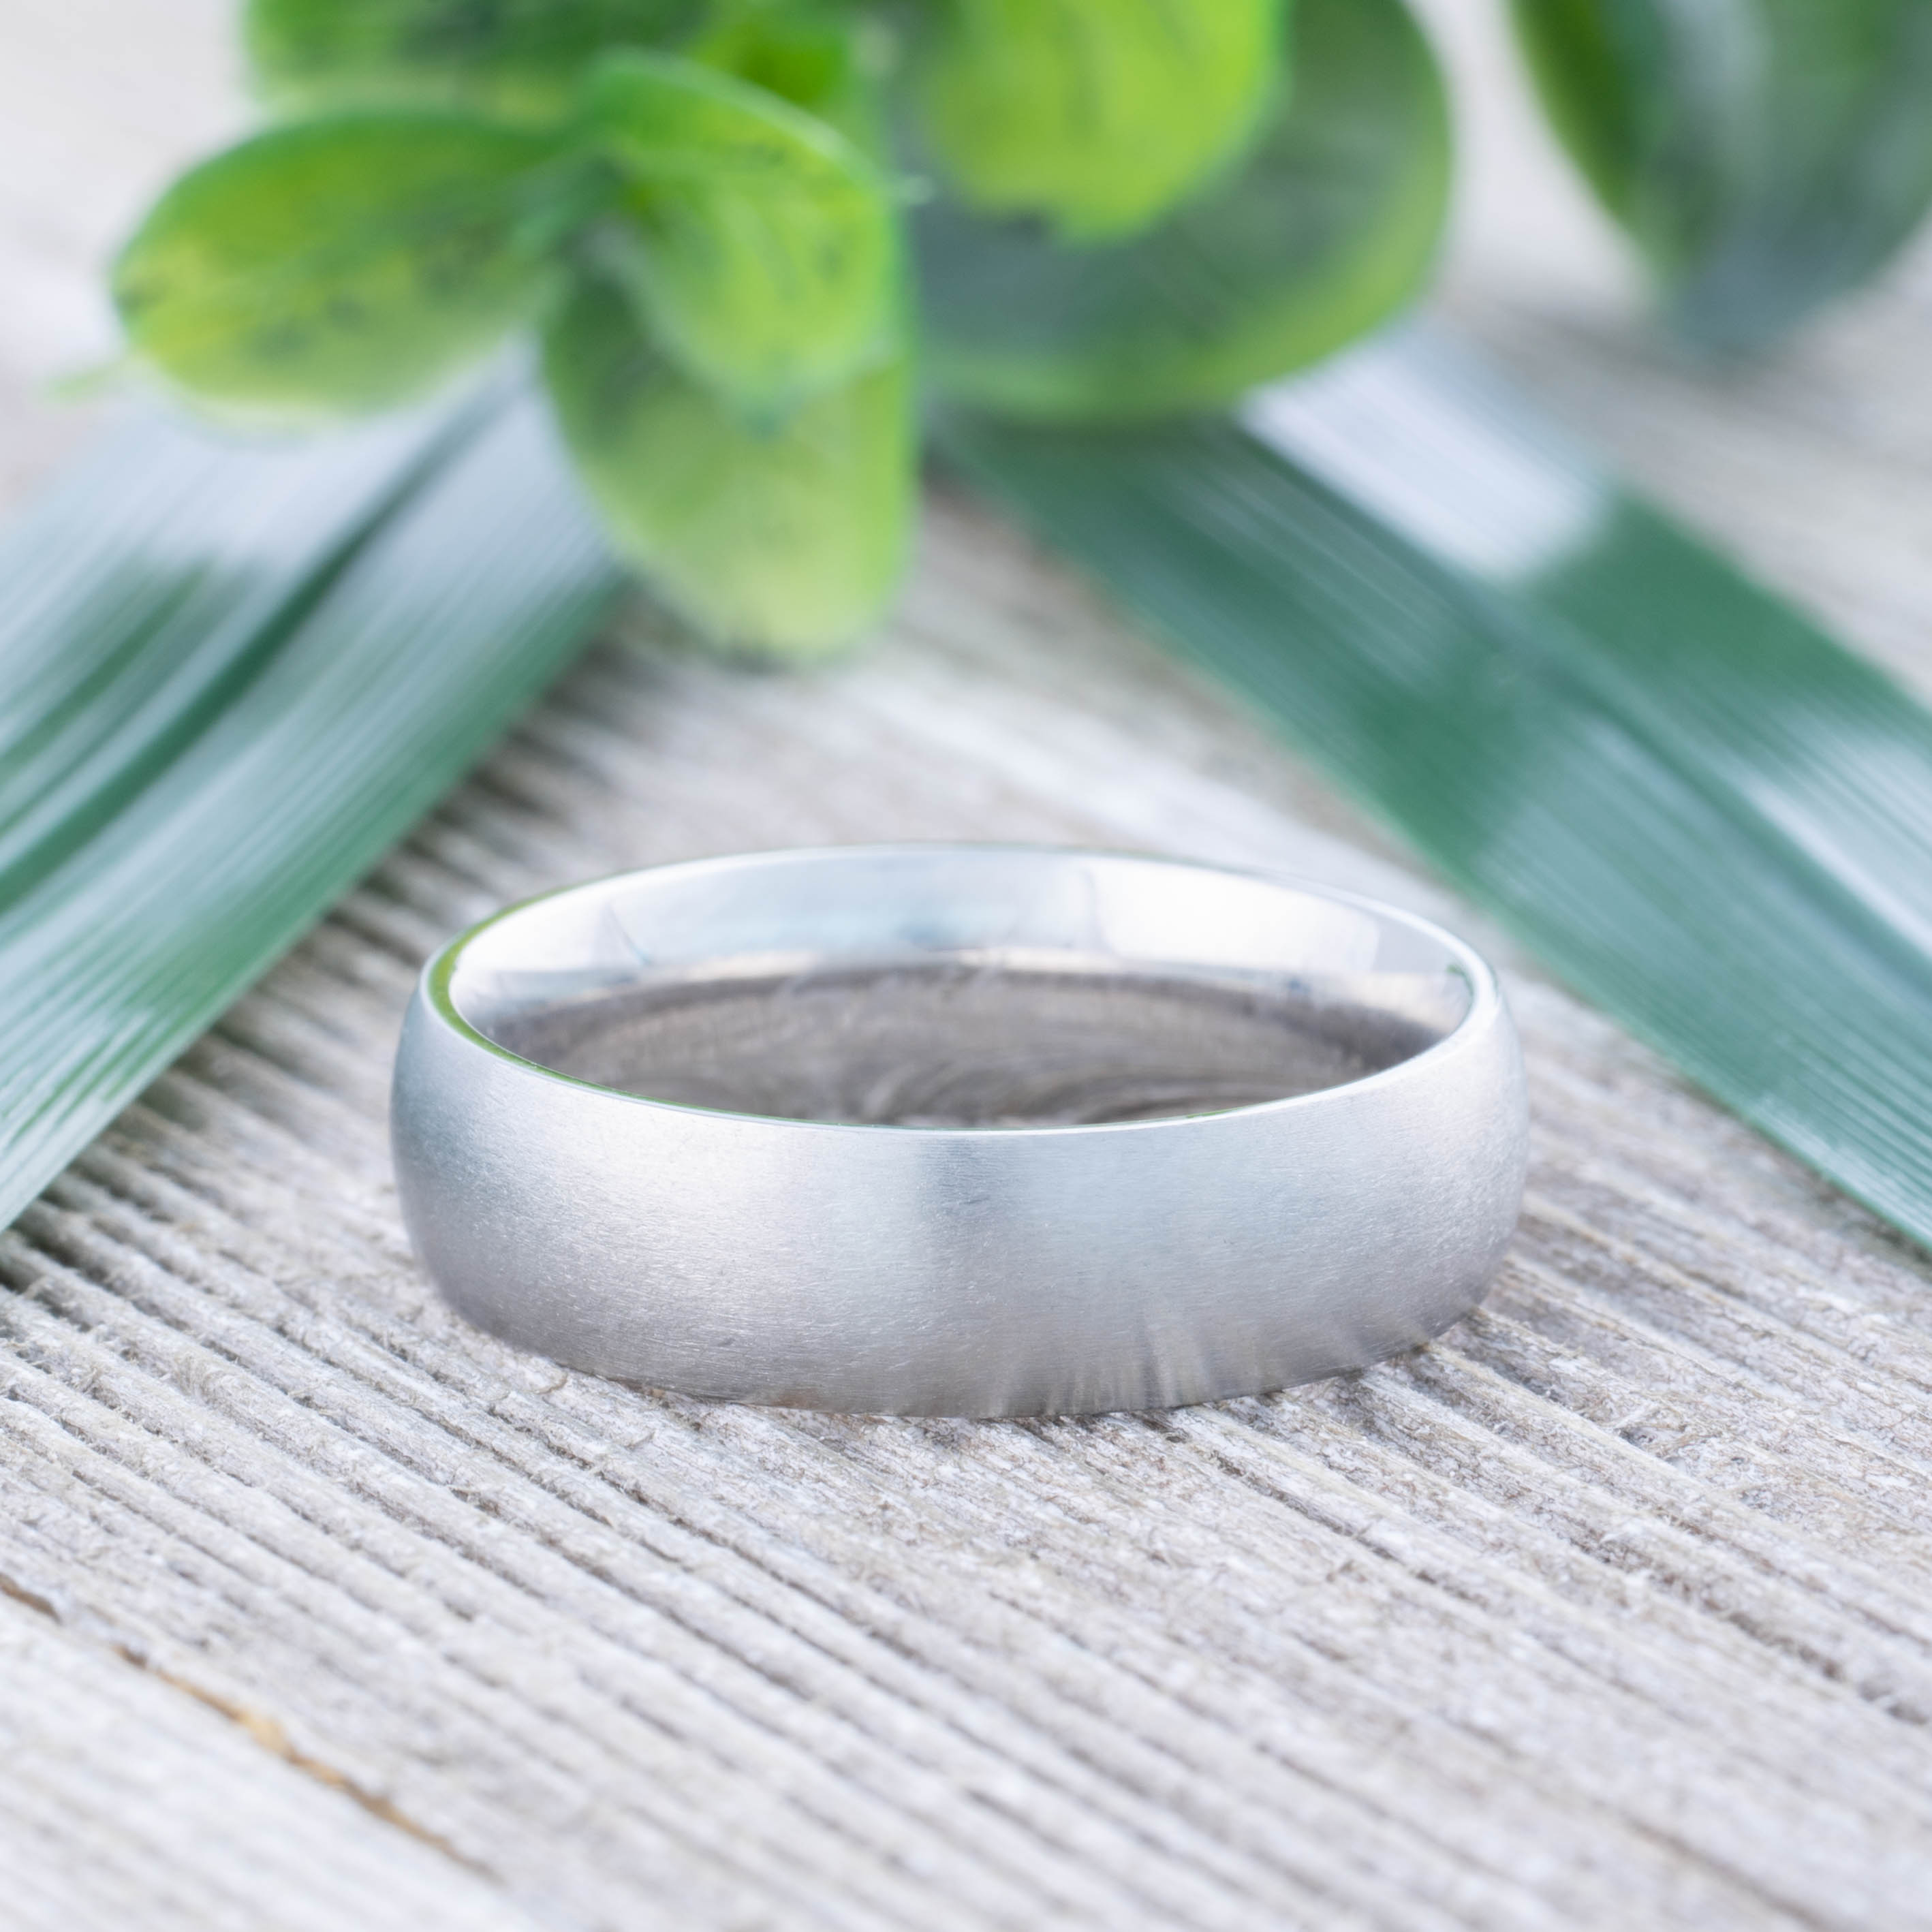 Ring-klassisch-matt-Silber-aus-Edelstahl-Unisex-Damen-Herren-Schwarz-Ringe-Gold Indexbild 235